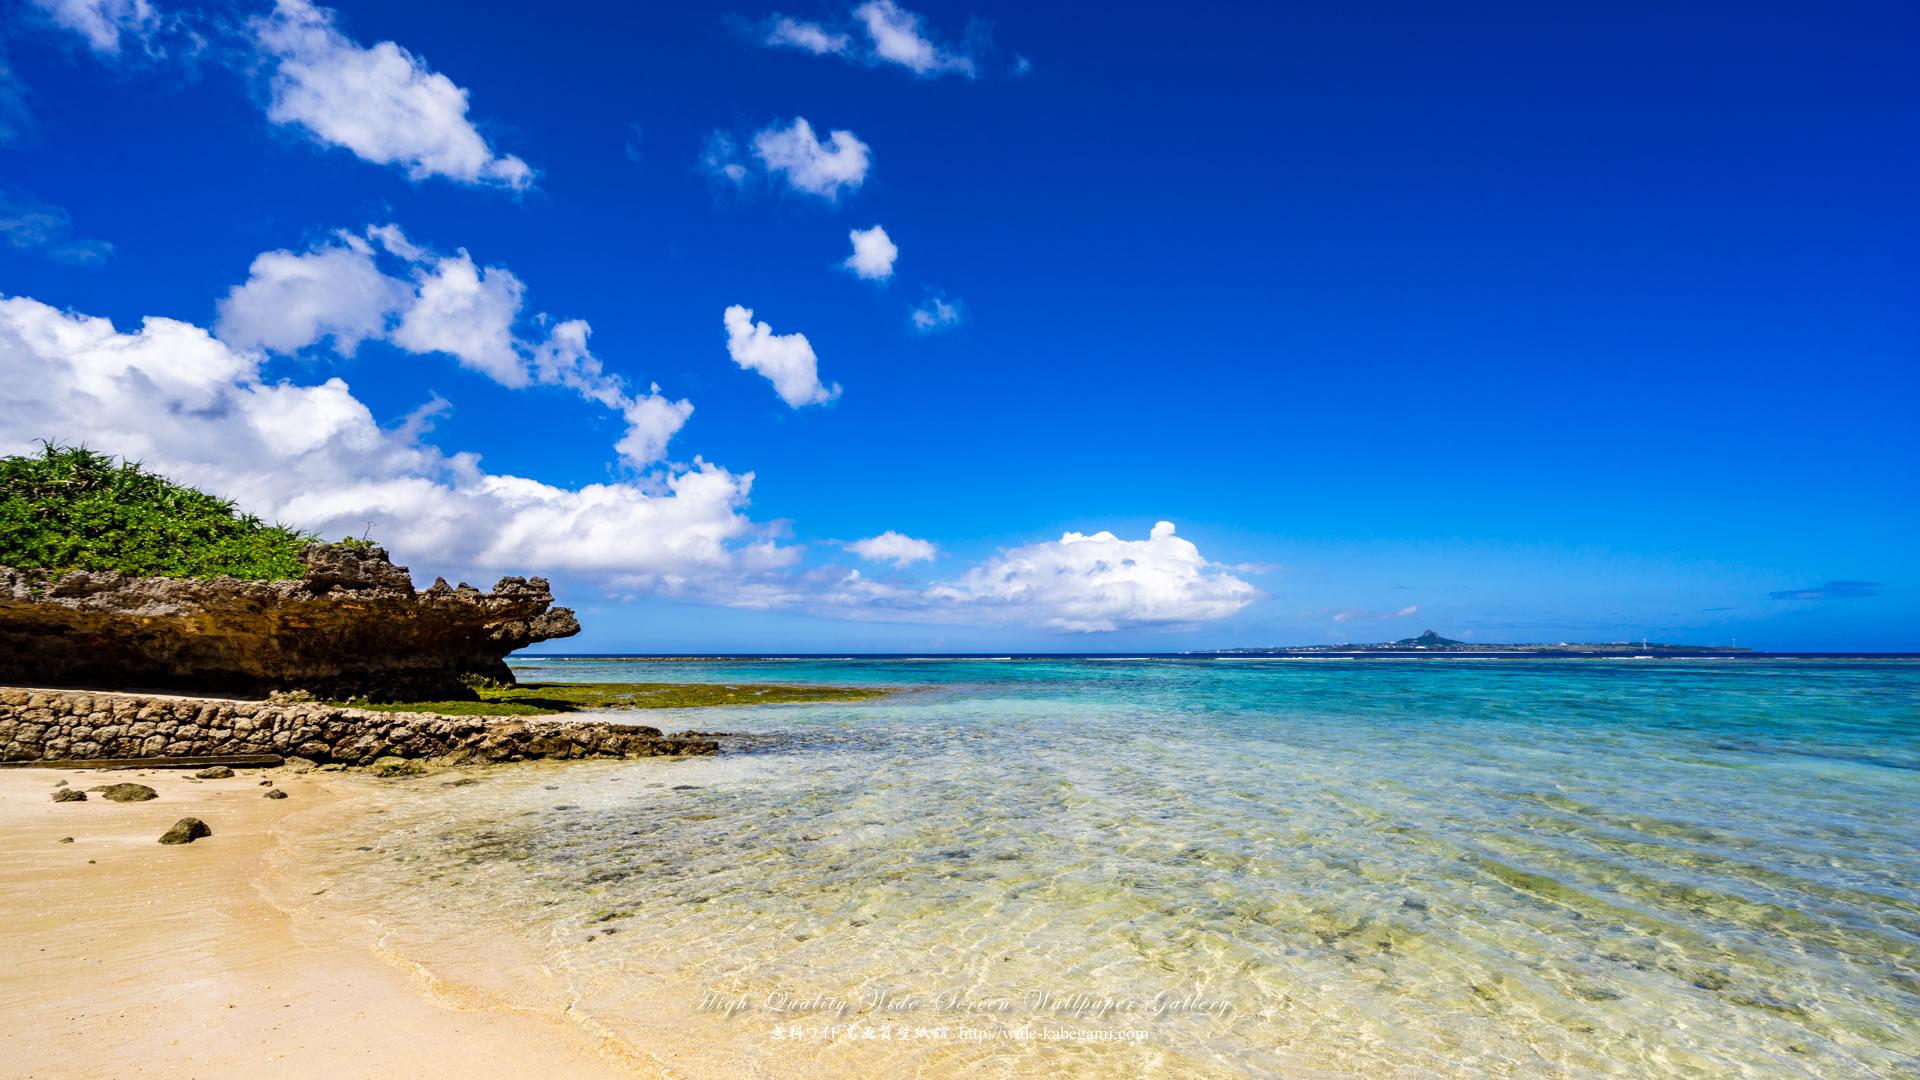 自然風景のワイド壁紙 19x1080 沖縄 エメラルドビーチ越しの伊江島 無料ワイド高画質壁紙館